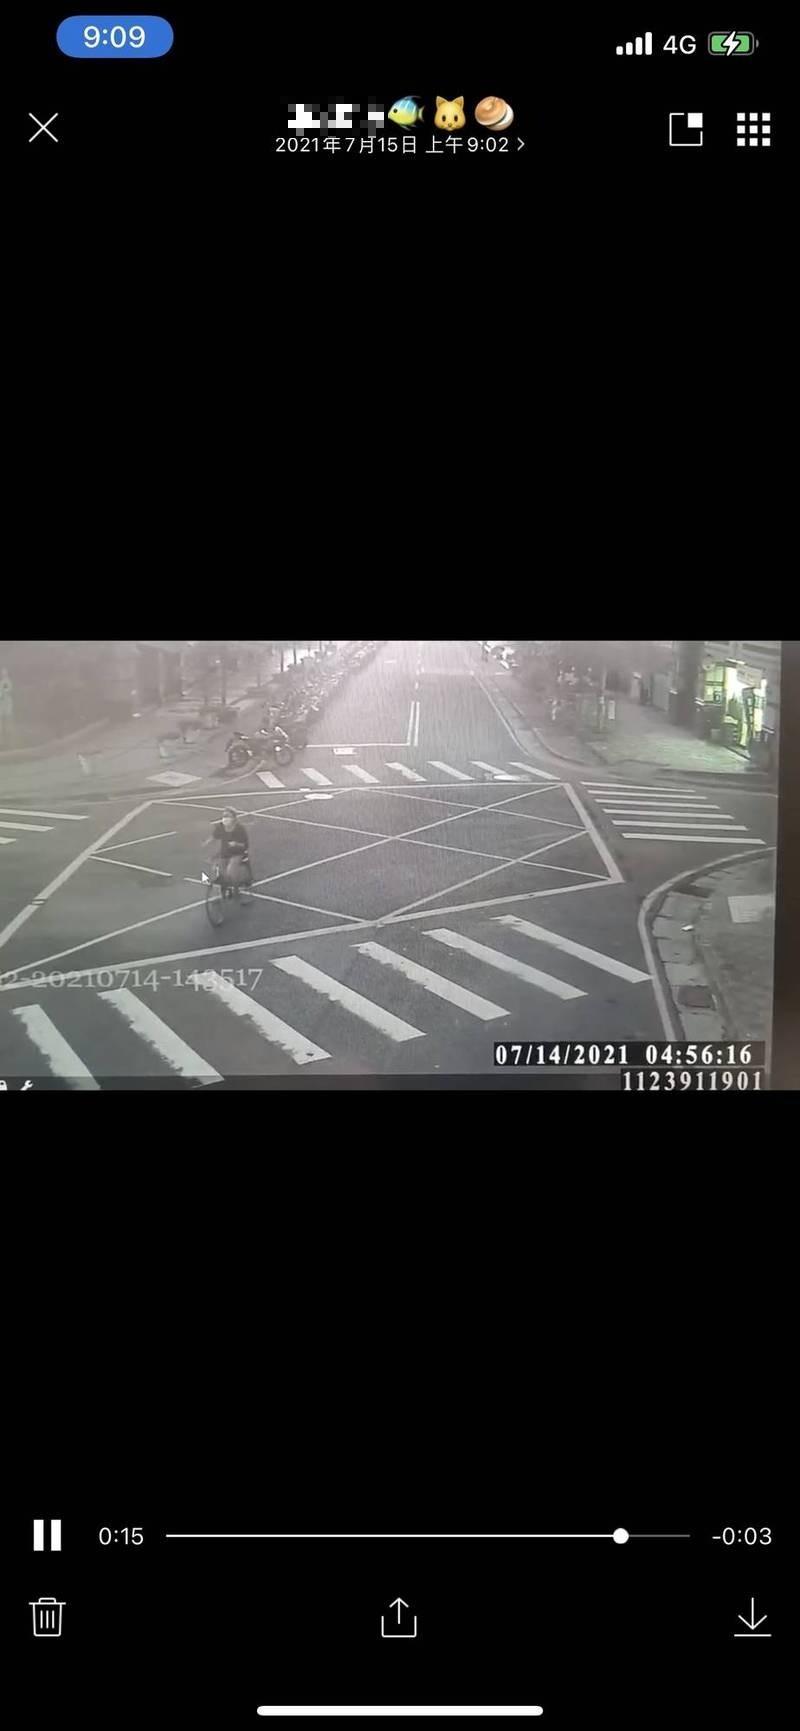 新北市吳姓搶匪從三重騎腳踏車到林口持刀強盜超商,得手後從容騎腳踏車離去。(記者吳仁捷翻攝)